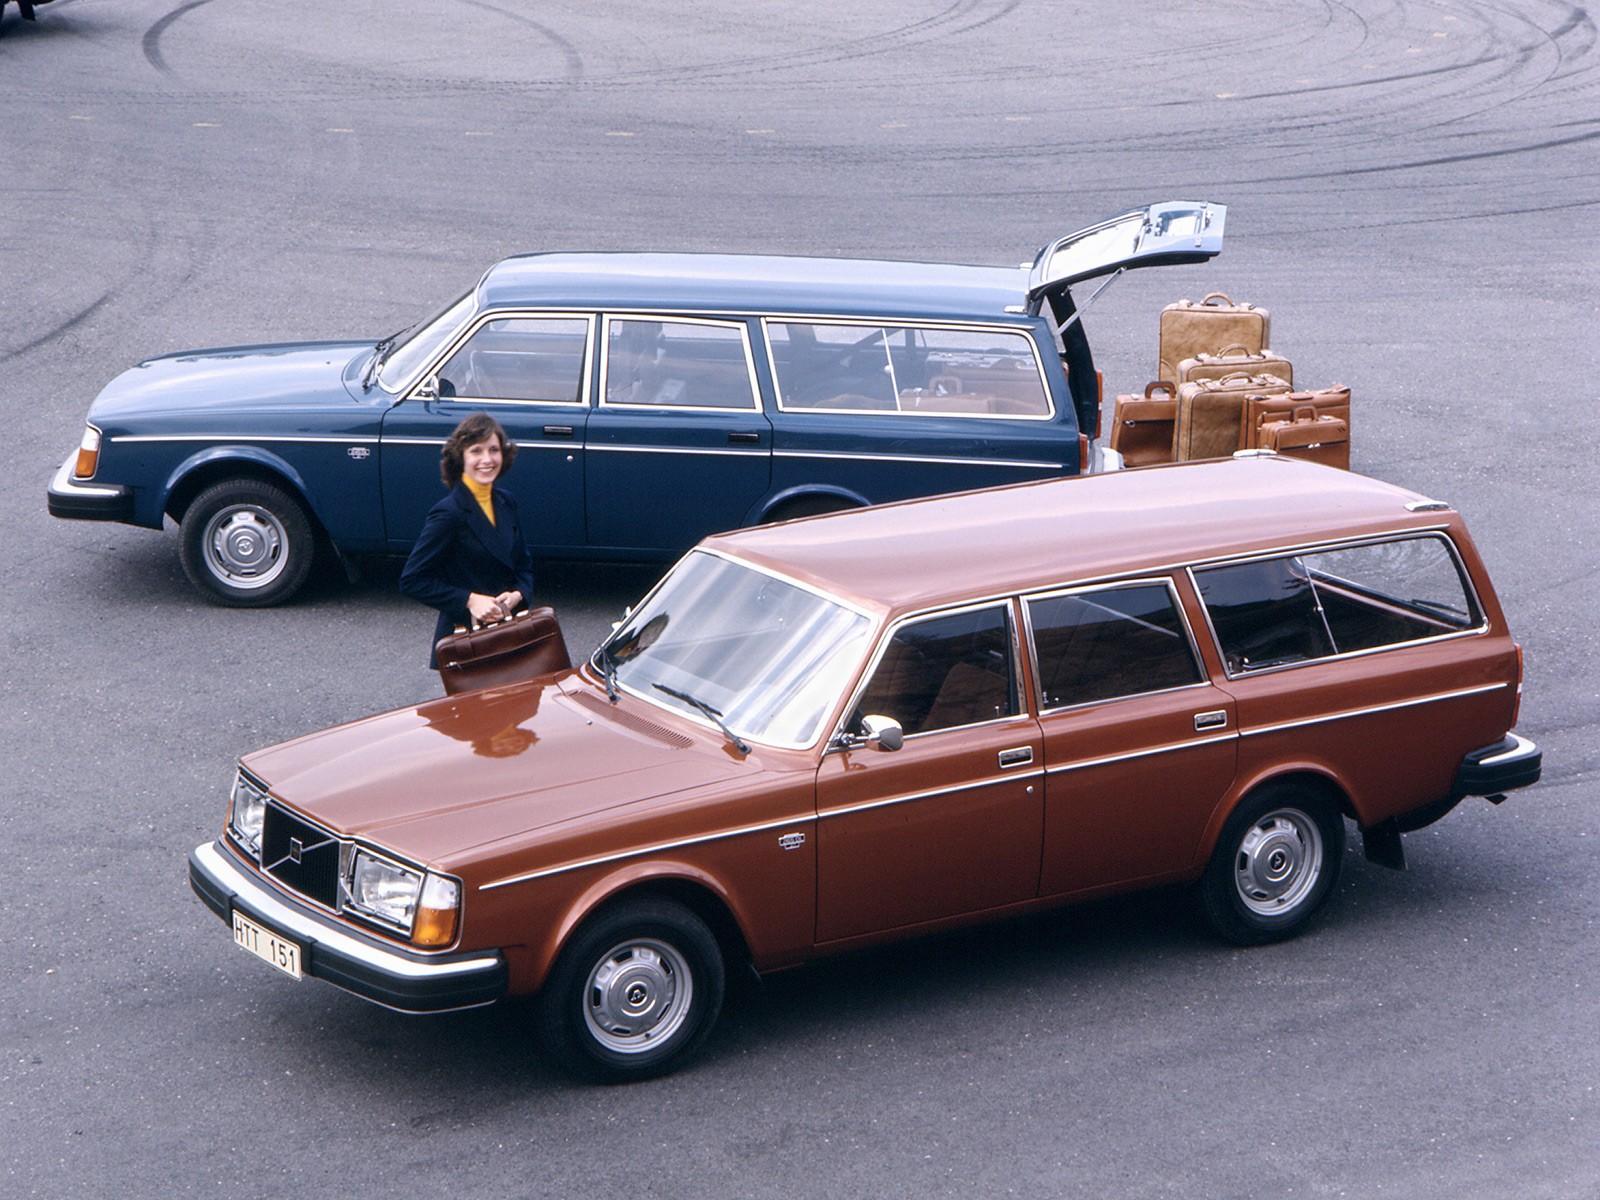 VOLVO 245 specs & photos - 1975, 1976, 1977, 1978, 1979, 1980, 1981, 1982, 1983, 1984, 1985 ...